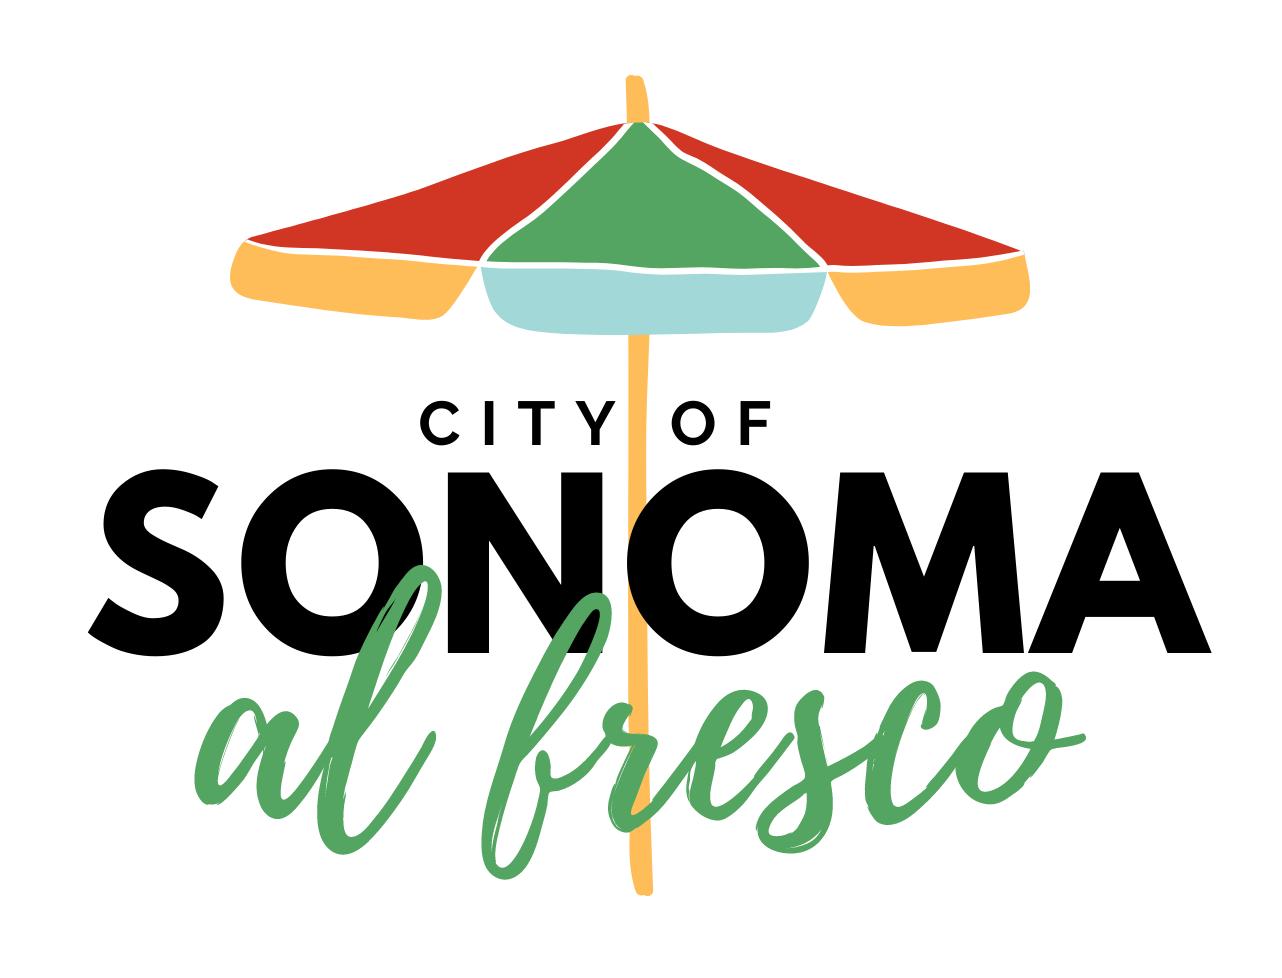 City of Sonoma Al Freso